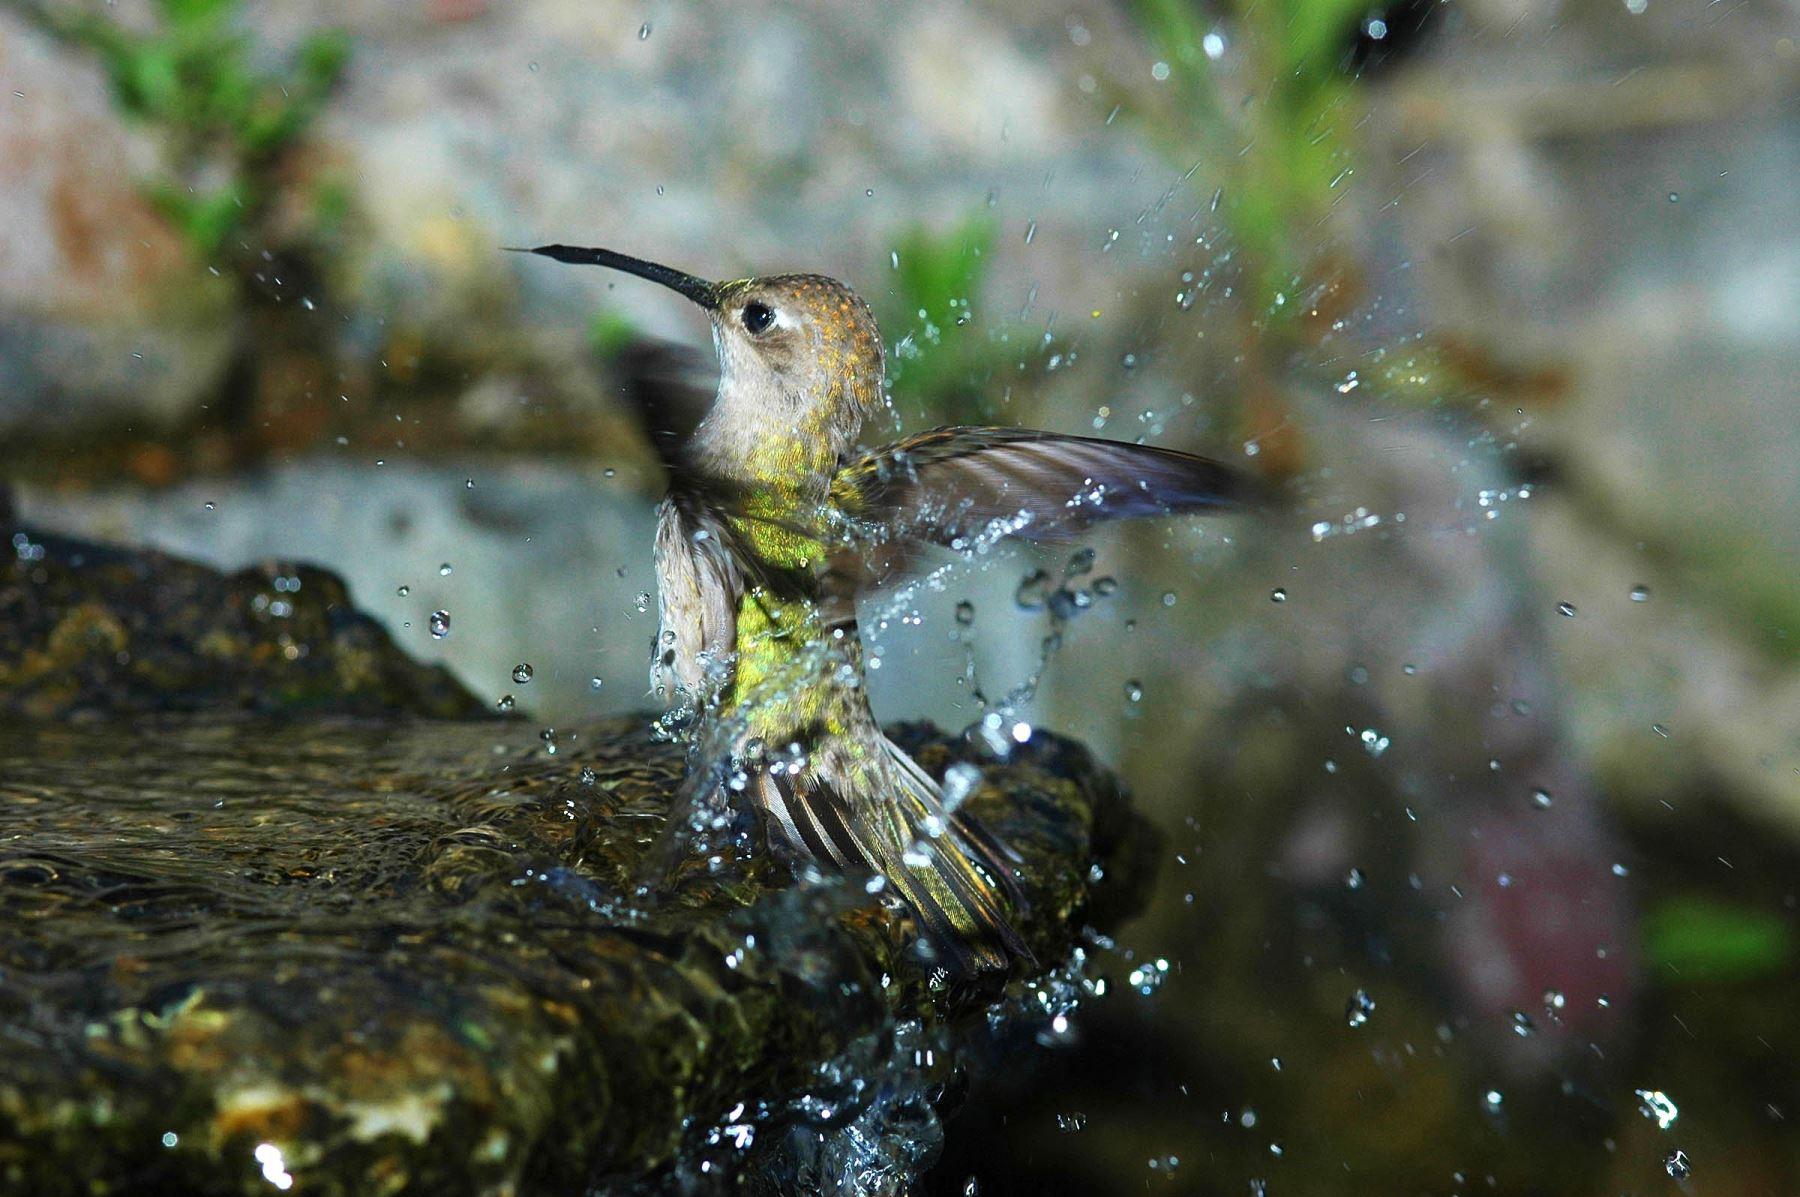 Colibrí de Tumbes (Leucippus baeri), es un colibrí endémico del bosque seco y una de las 12 especies de colibríes registrados en la reserva. Foto: Heinz Plenge